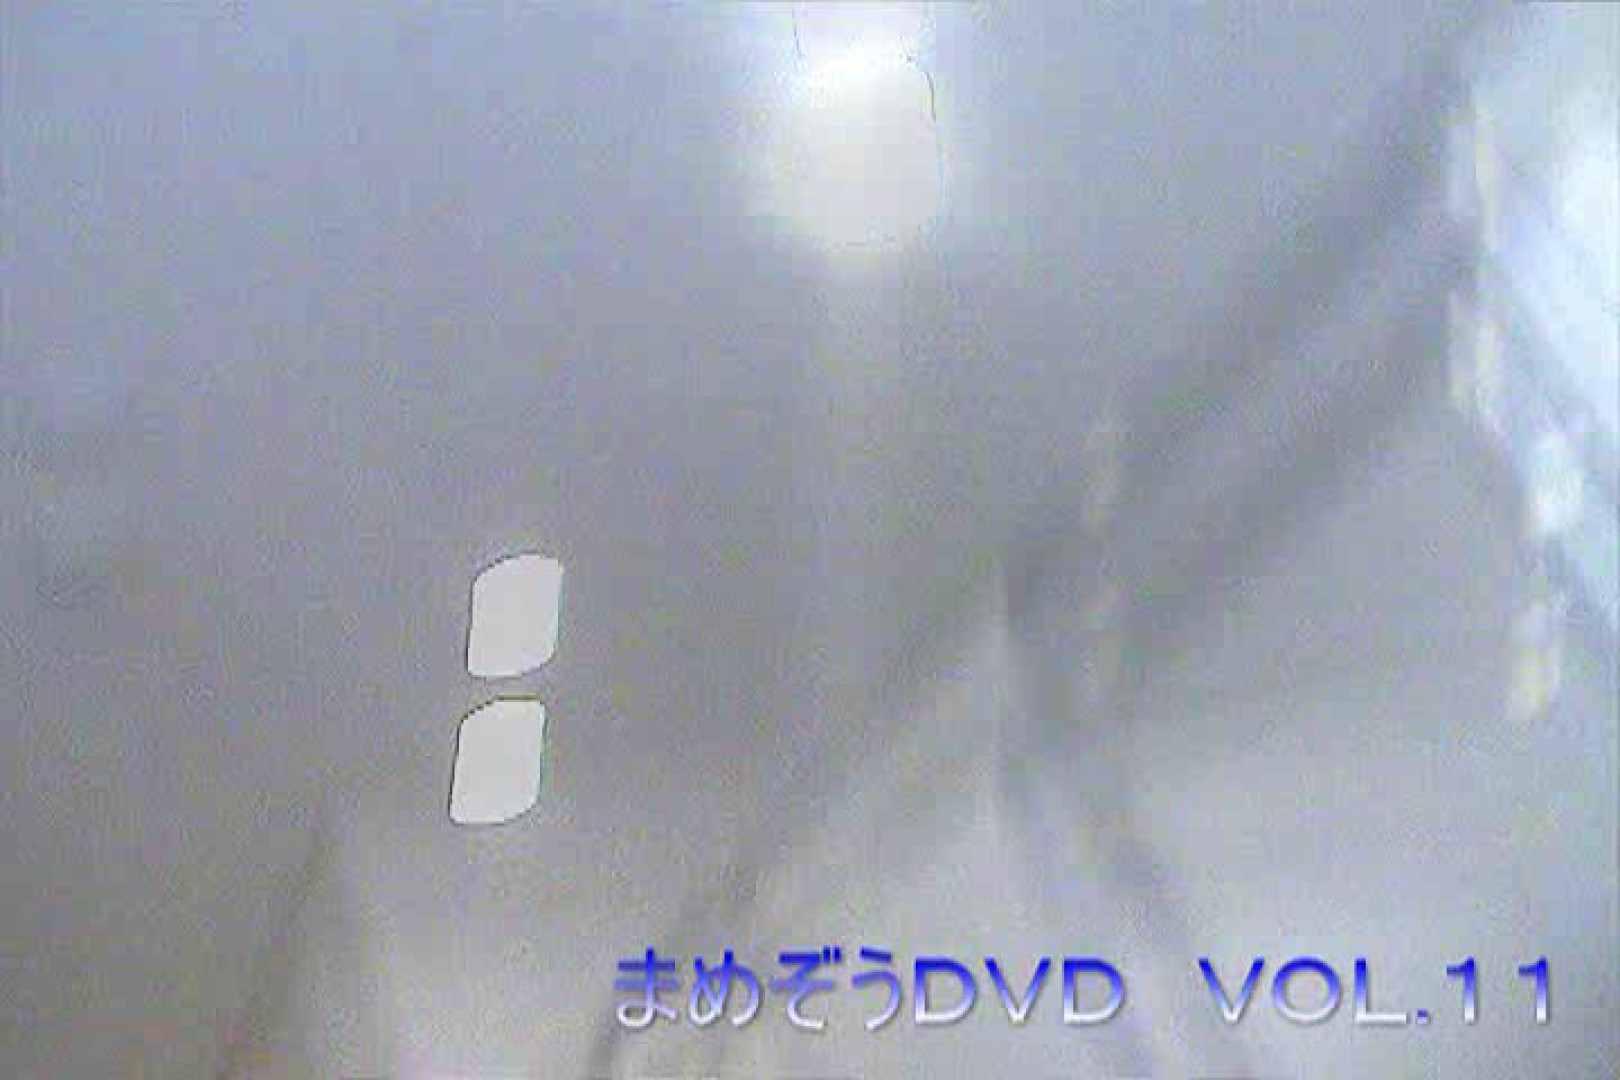 まめぞうDVD完全版VOL.11 ギャル AV動画キャプチャ 26連発 5